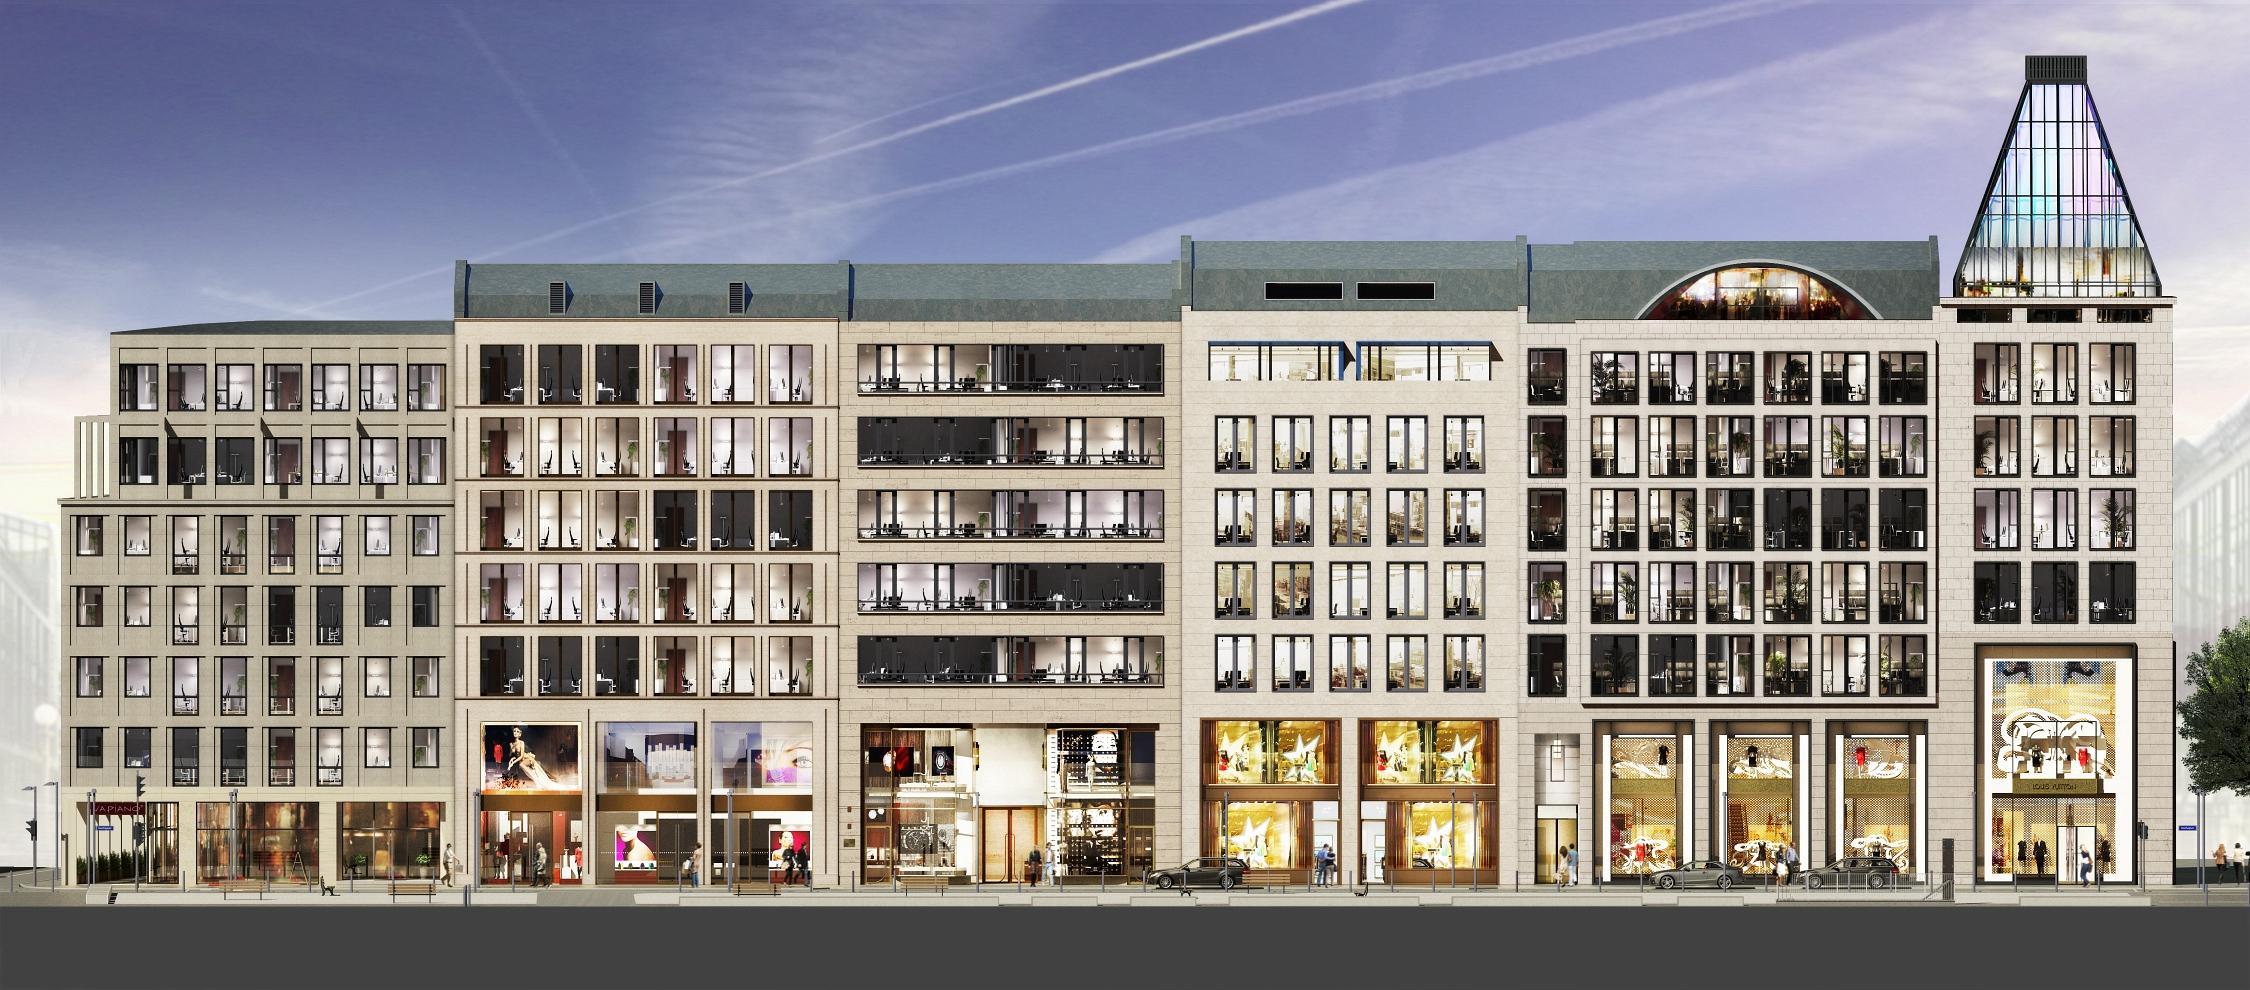 Deutsches architektur forum einzelnen beitrag anzeigen for Frankfurt architektur